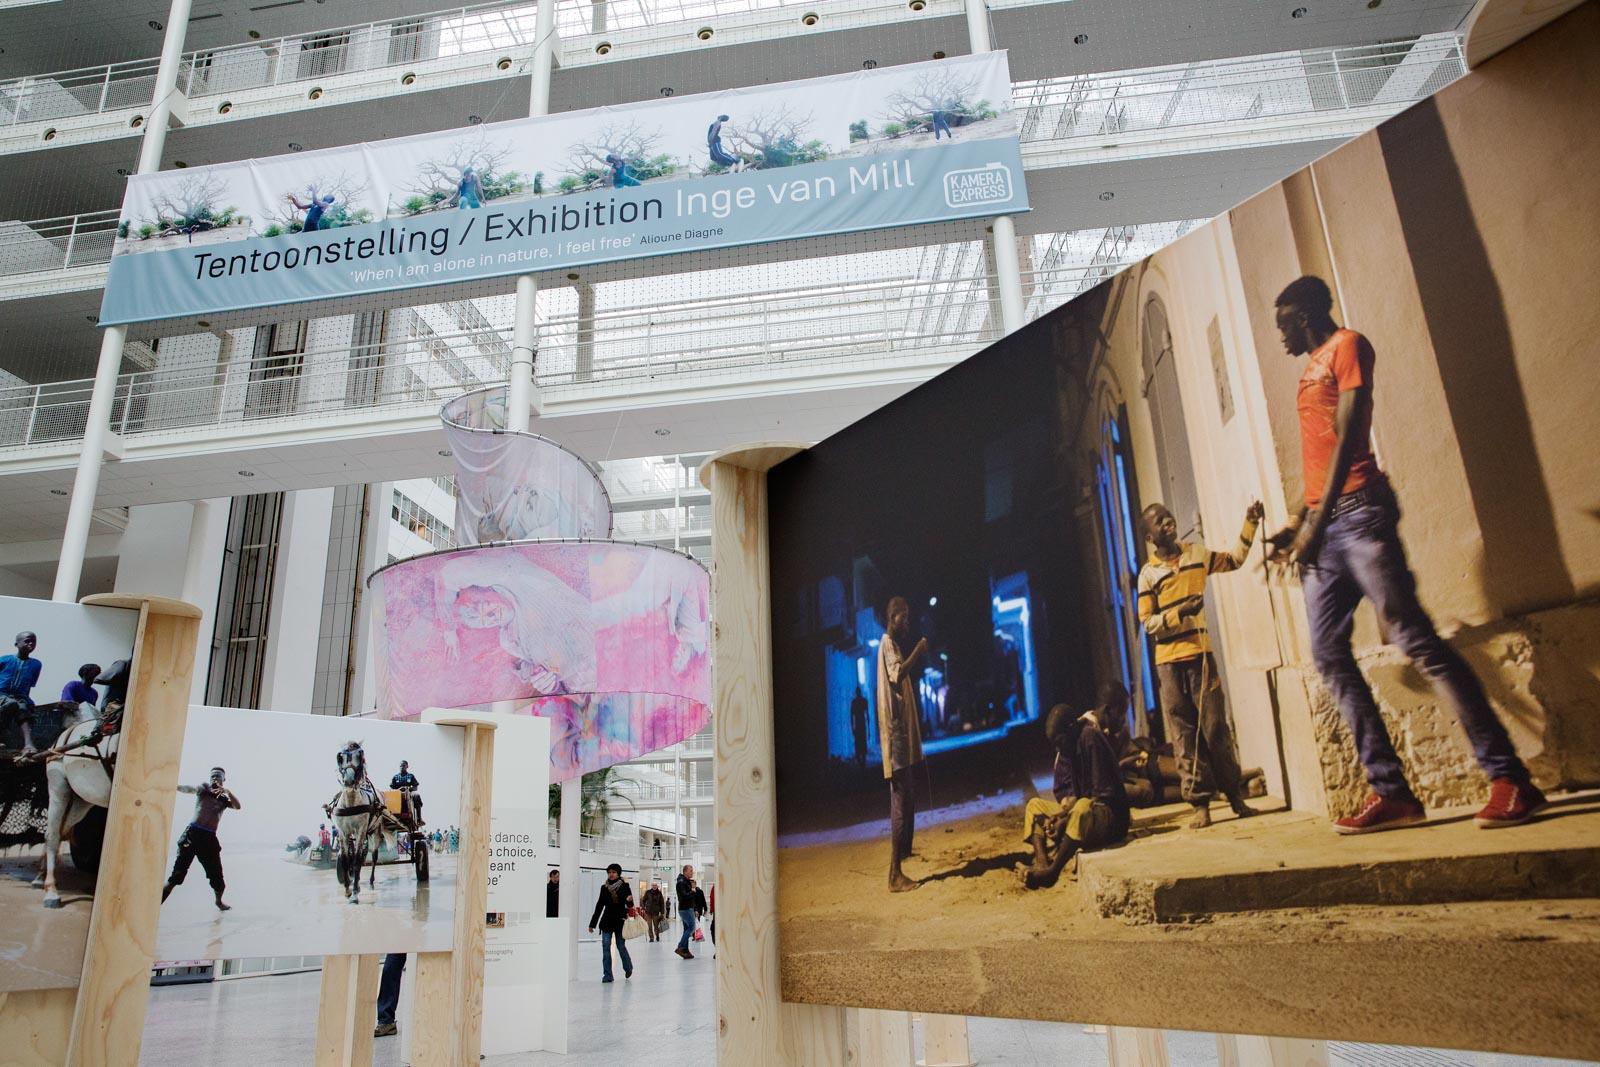 Expositie van Inge van Mill, Isabouckar, in het Atrium van het stadhuis in Den Haag